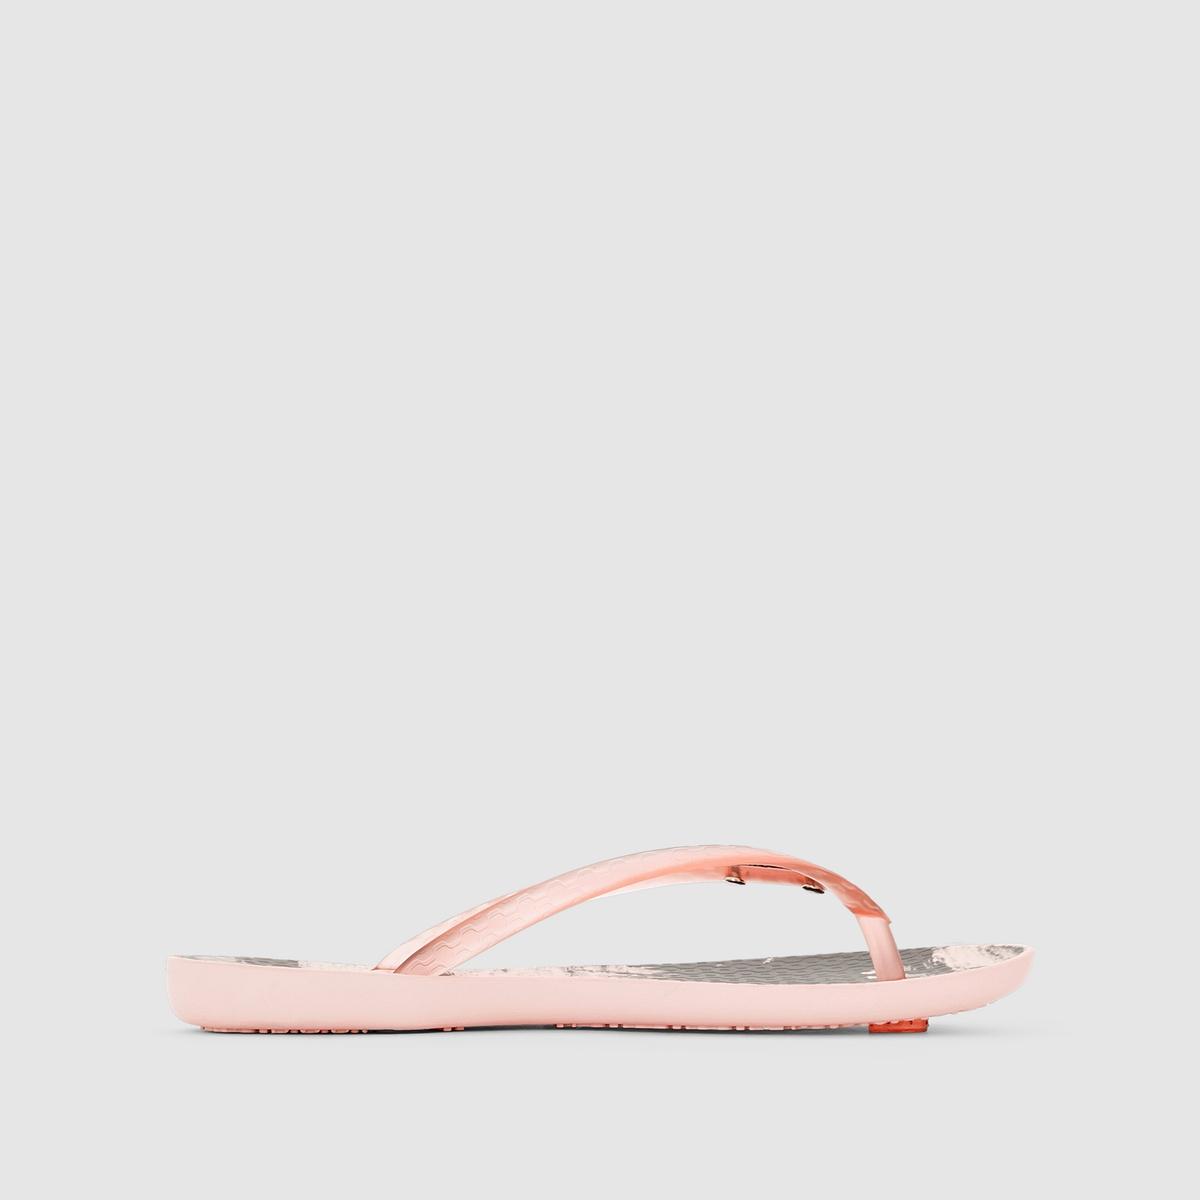 Вьетнамки Wave Tropical FemВерх/Голенище : каучук   Стелька : каучук   Подошва : каучук   Форма каблука : плоский каблук   Мысок : открытый мысок   Застежка : без застежки<br><br>Цвет: розовый